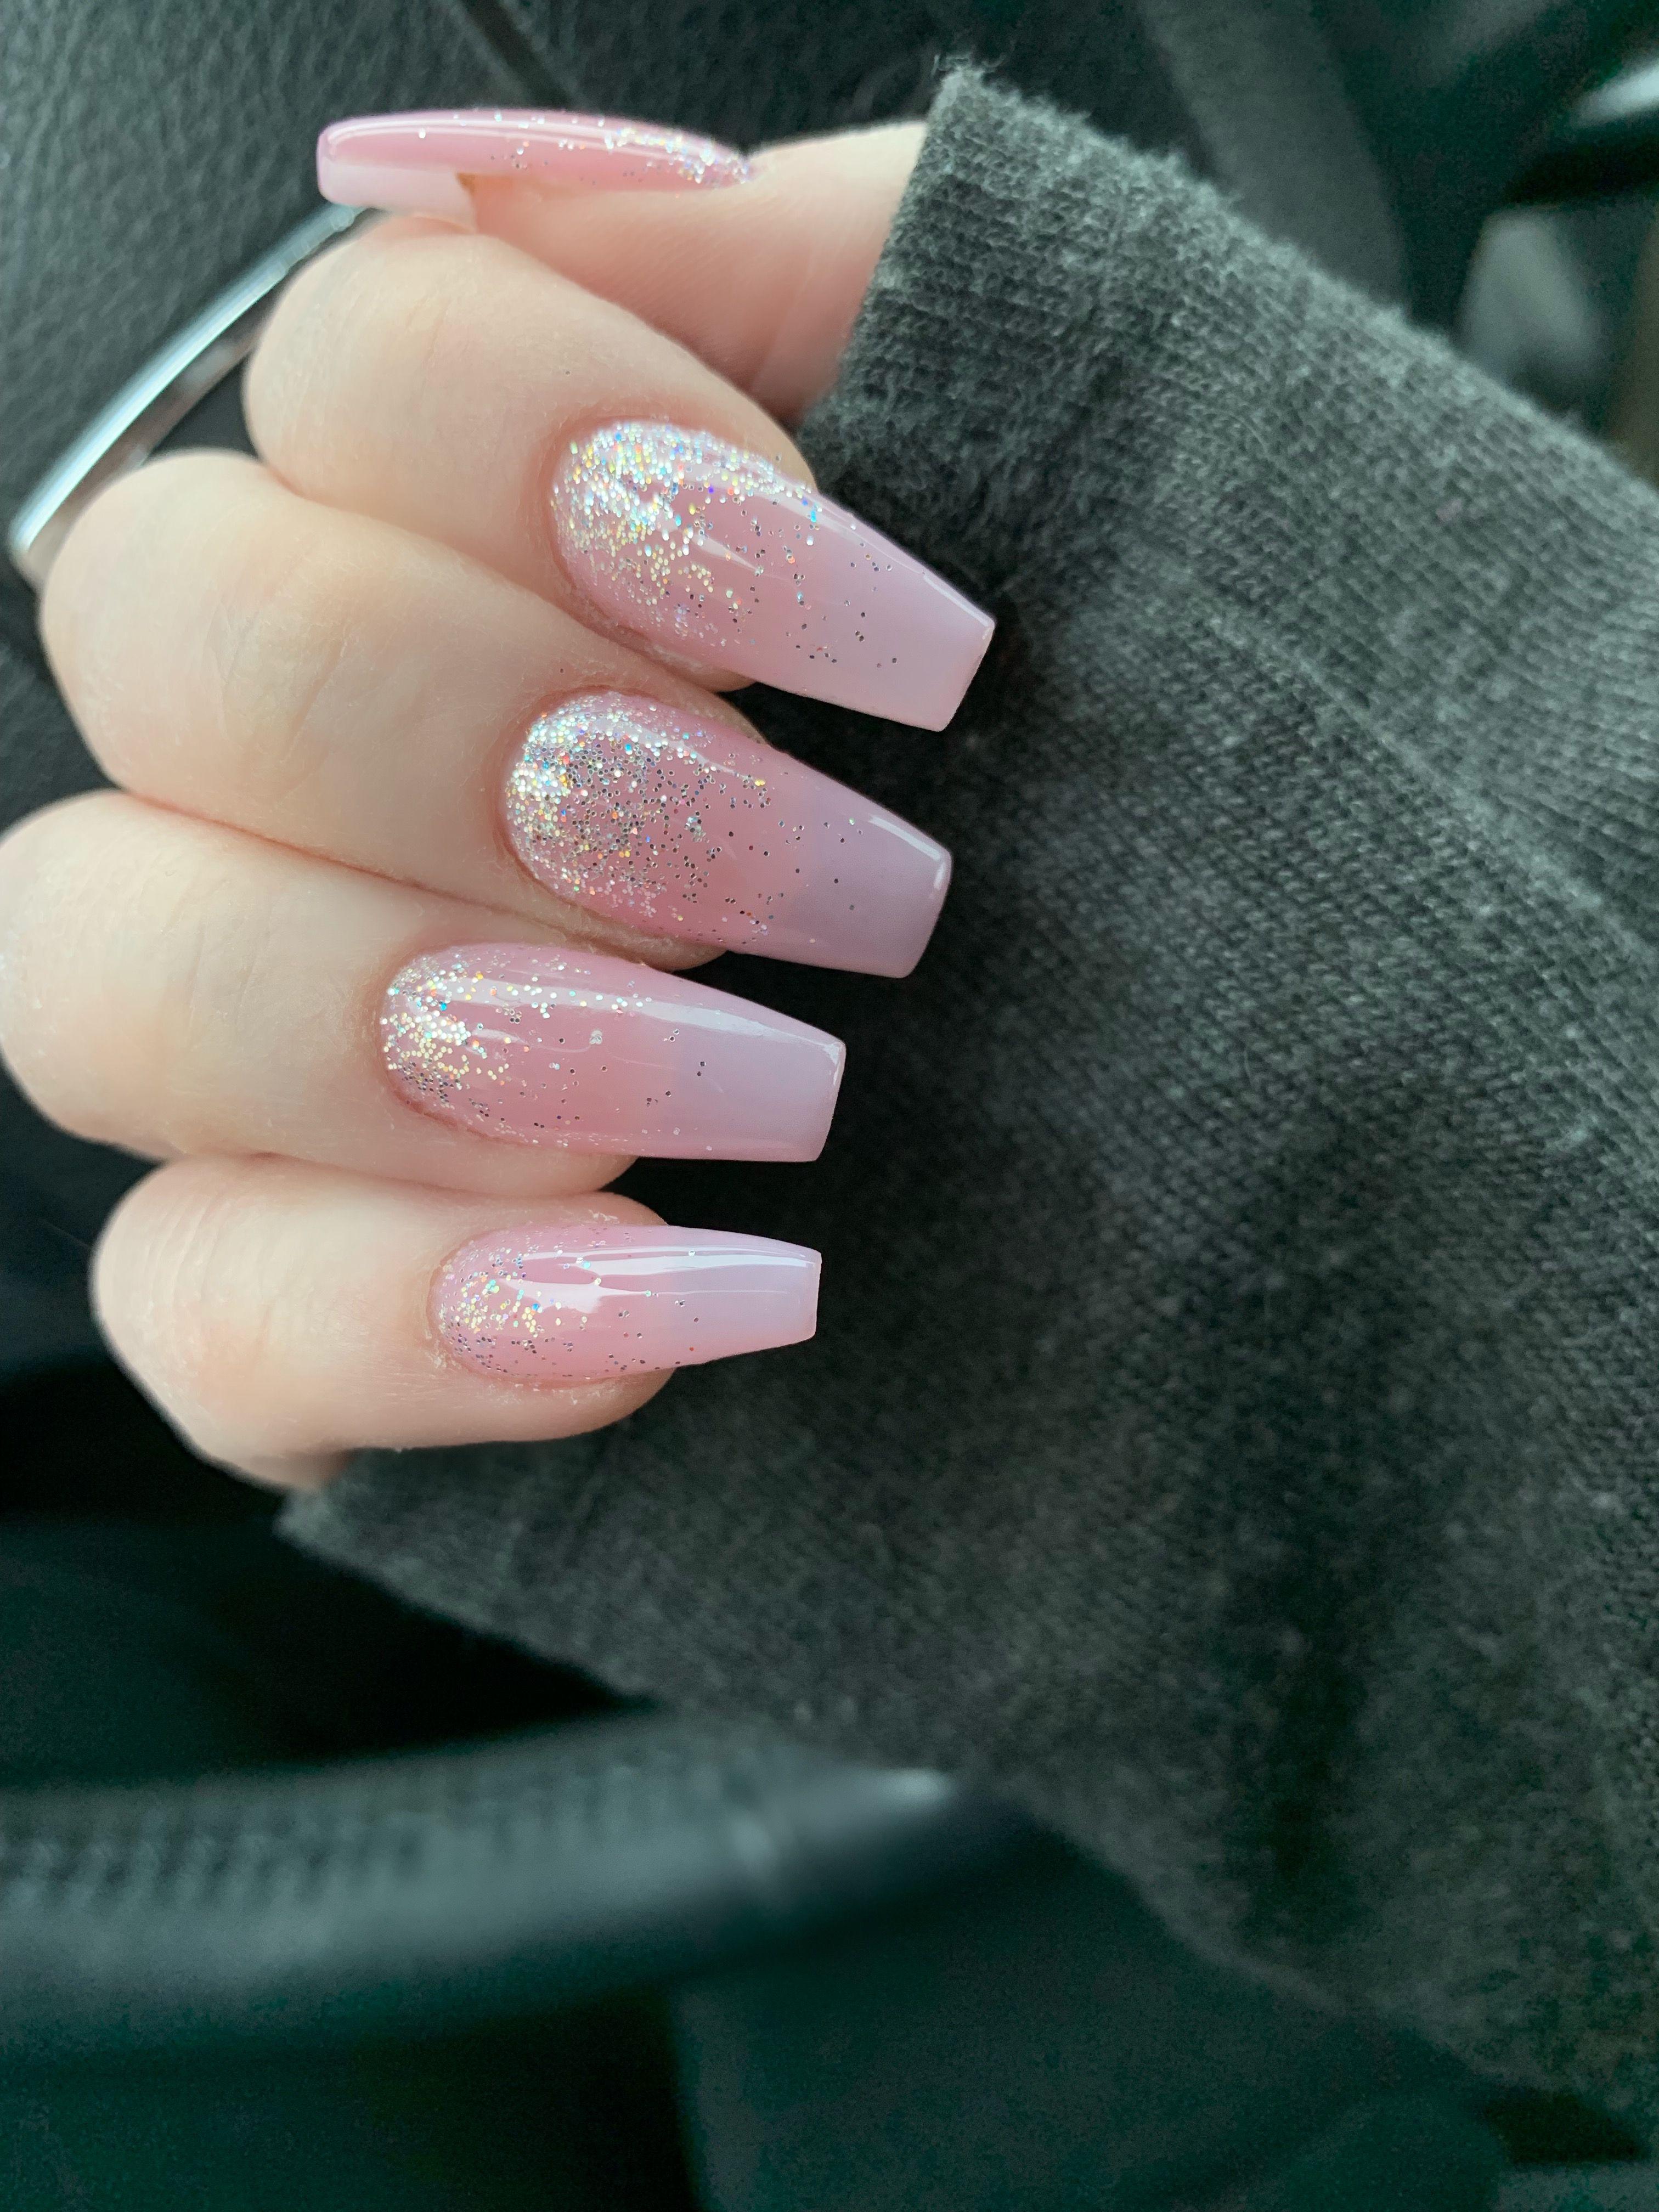 New Nails Who Dis Nails Manicure Acrylicnails Sparklenails Bubblebath Coffinnails Gold Acrylic Nails Pink Acrylic Nails Gold Nails